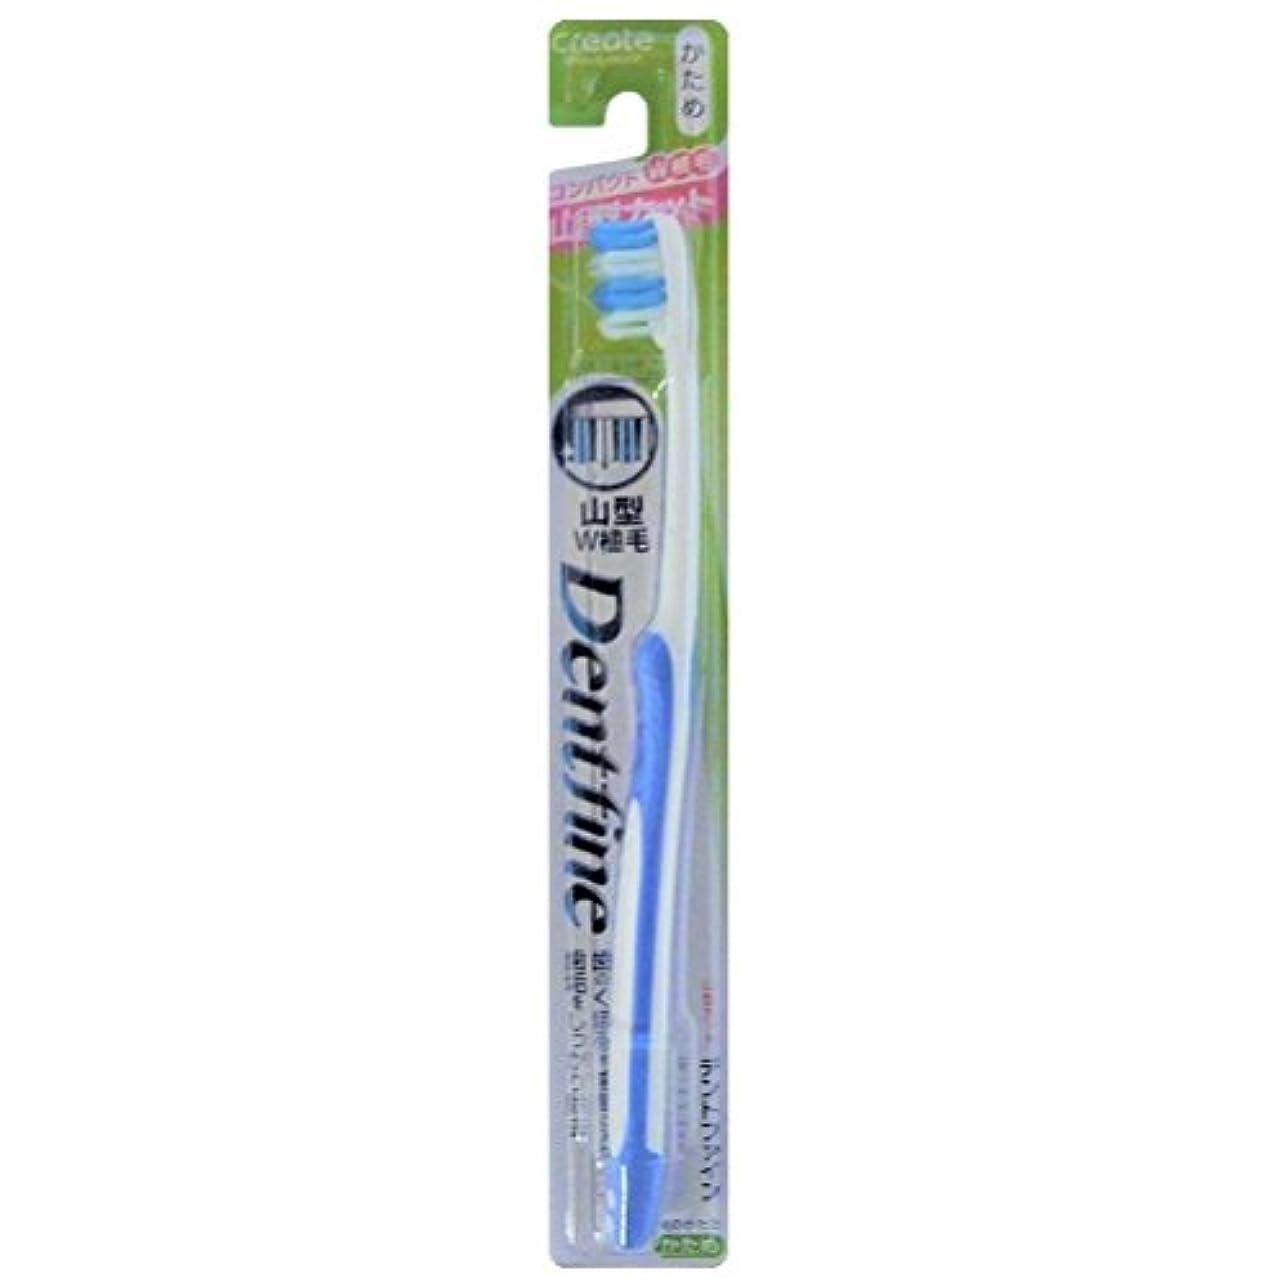 熟読するレインコート学習デントファイン ラバーグリップ 山切りカット 歯ブラシ かため 1本:ブルー